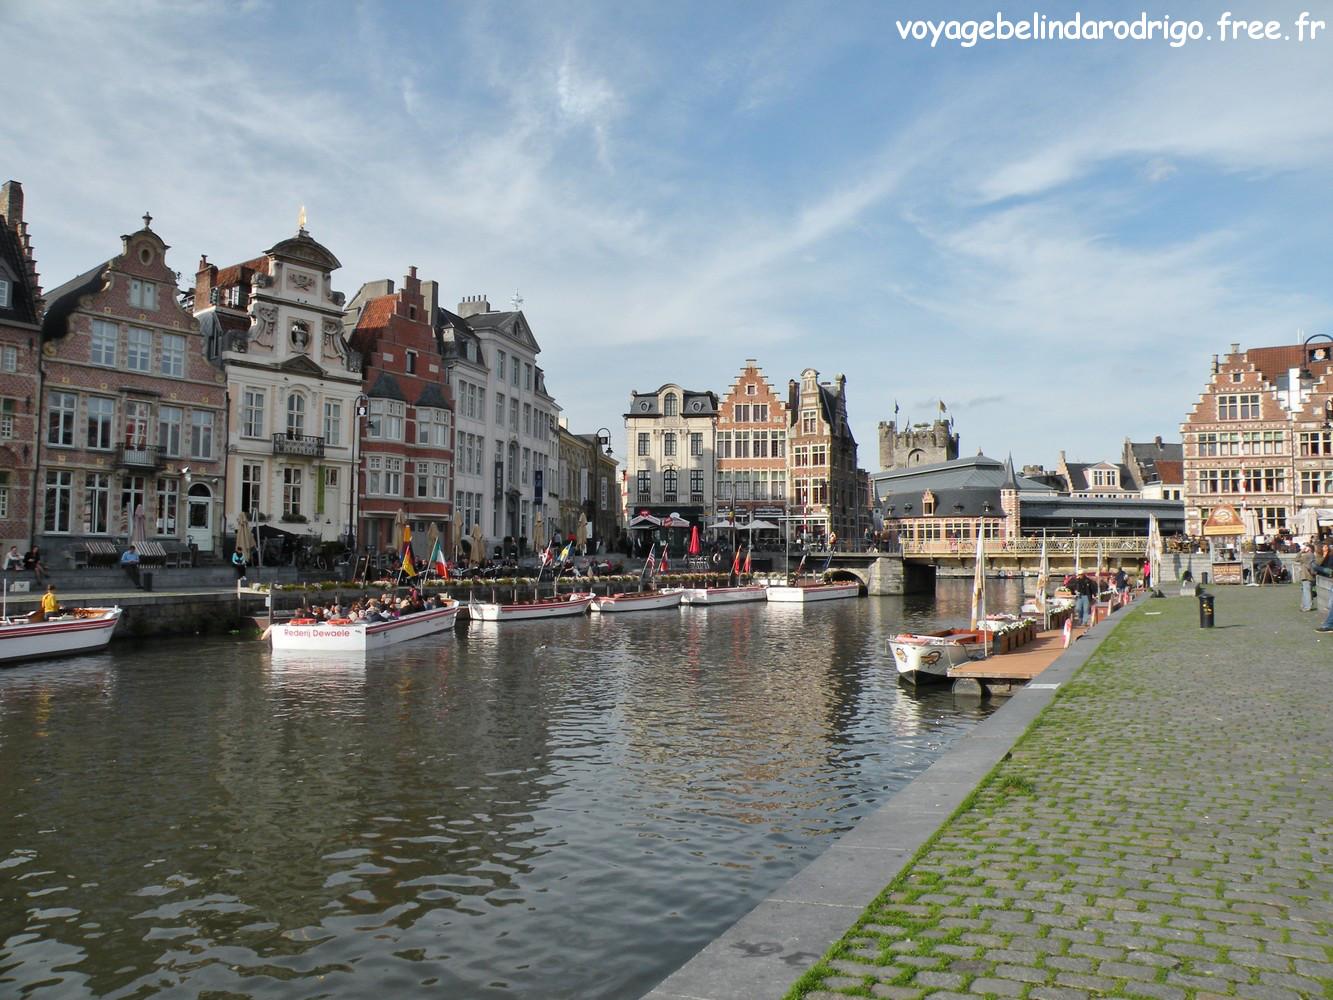 Quai aux Blés - Canal Handelsdok - Gand